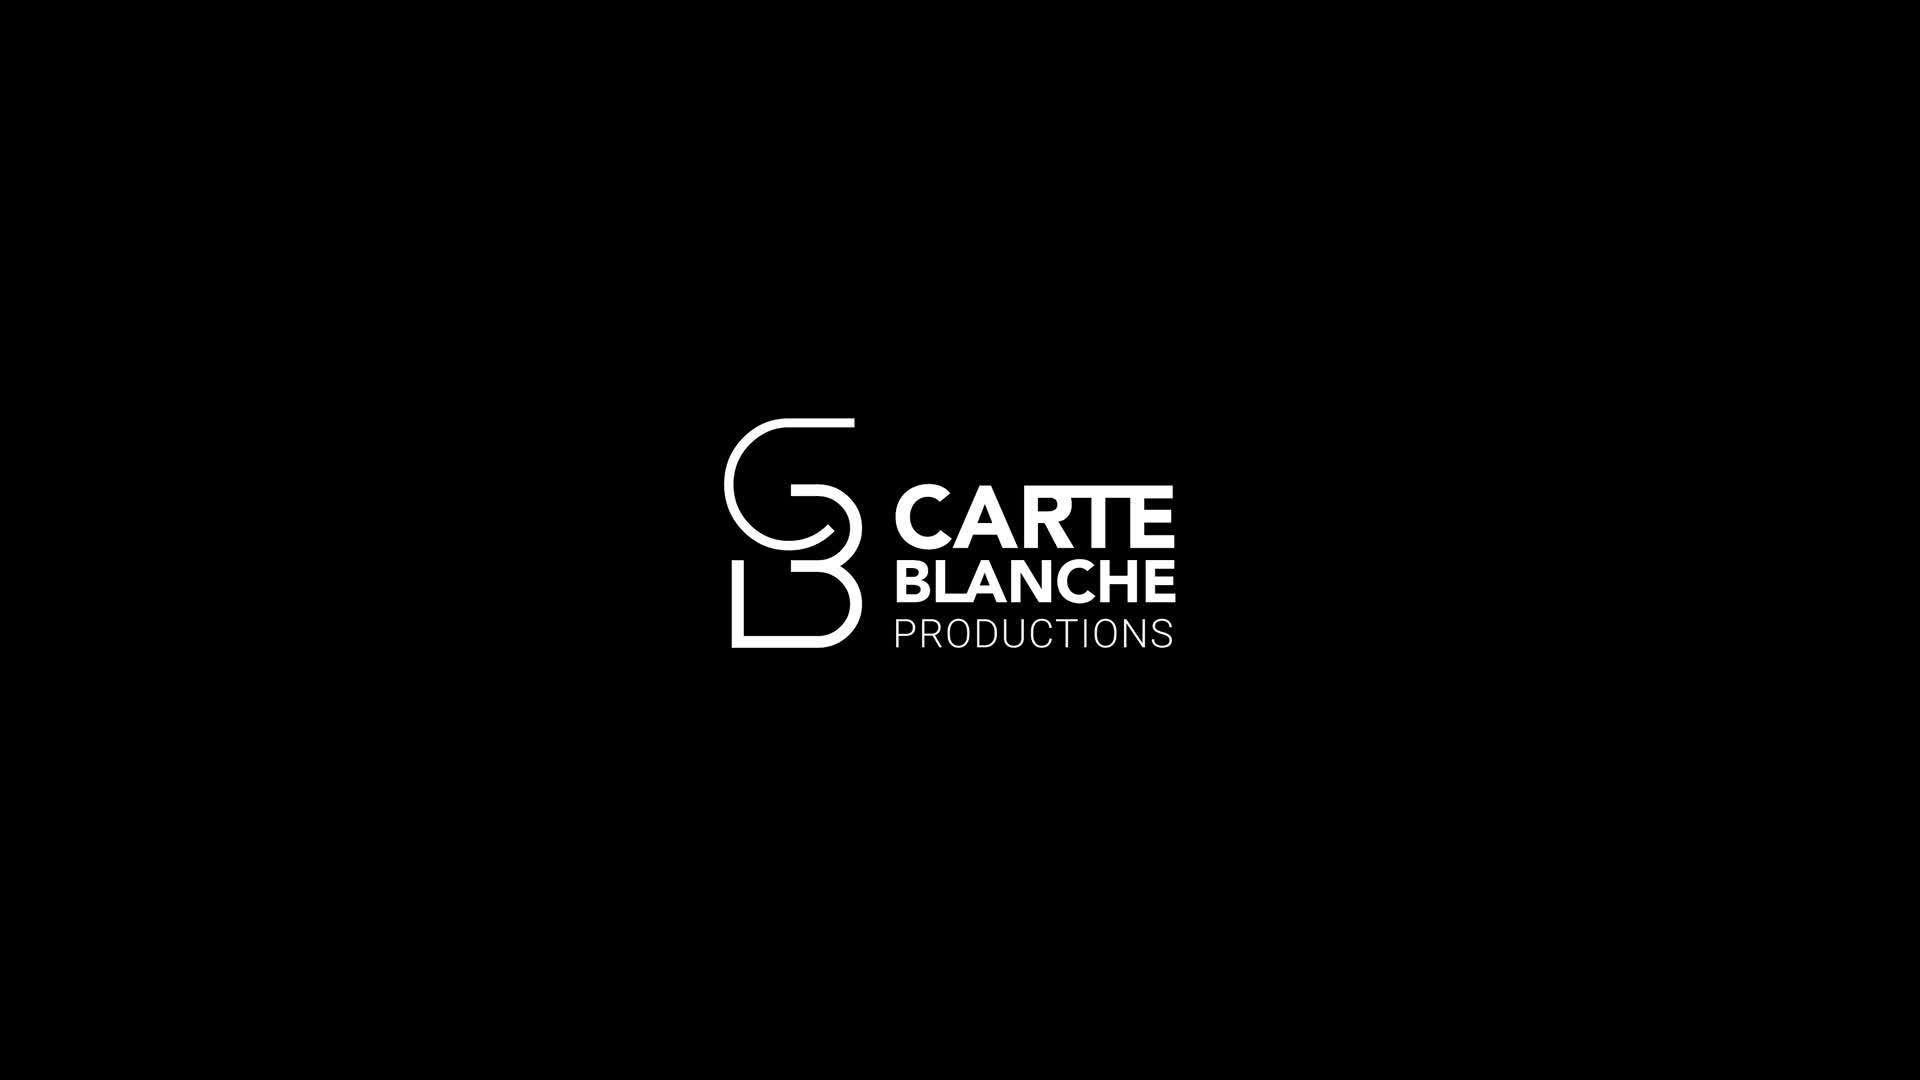 Carte blanche вакансии работа моделей на мероприятиях